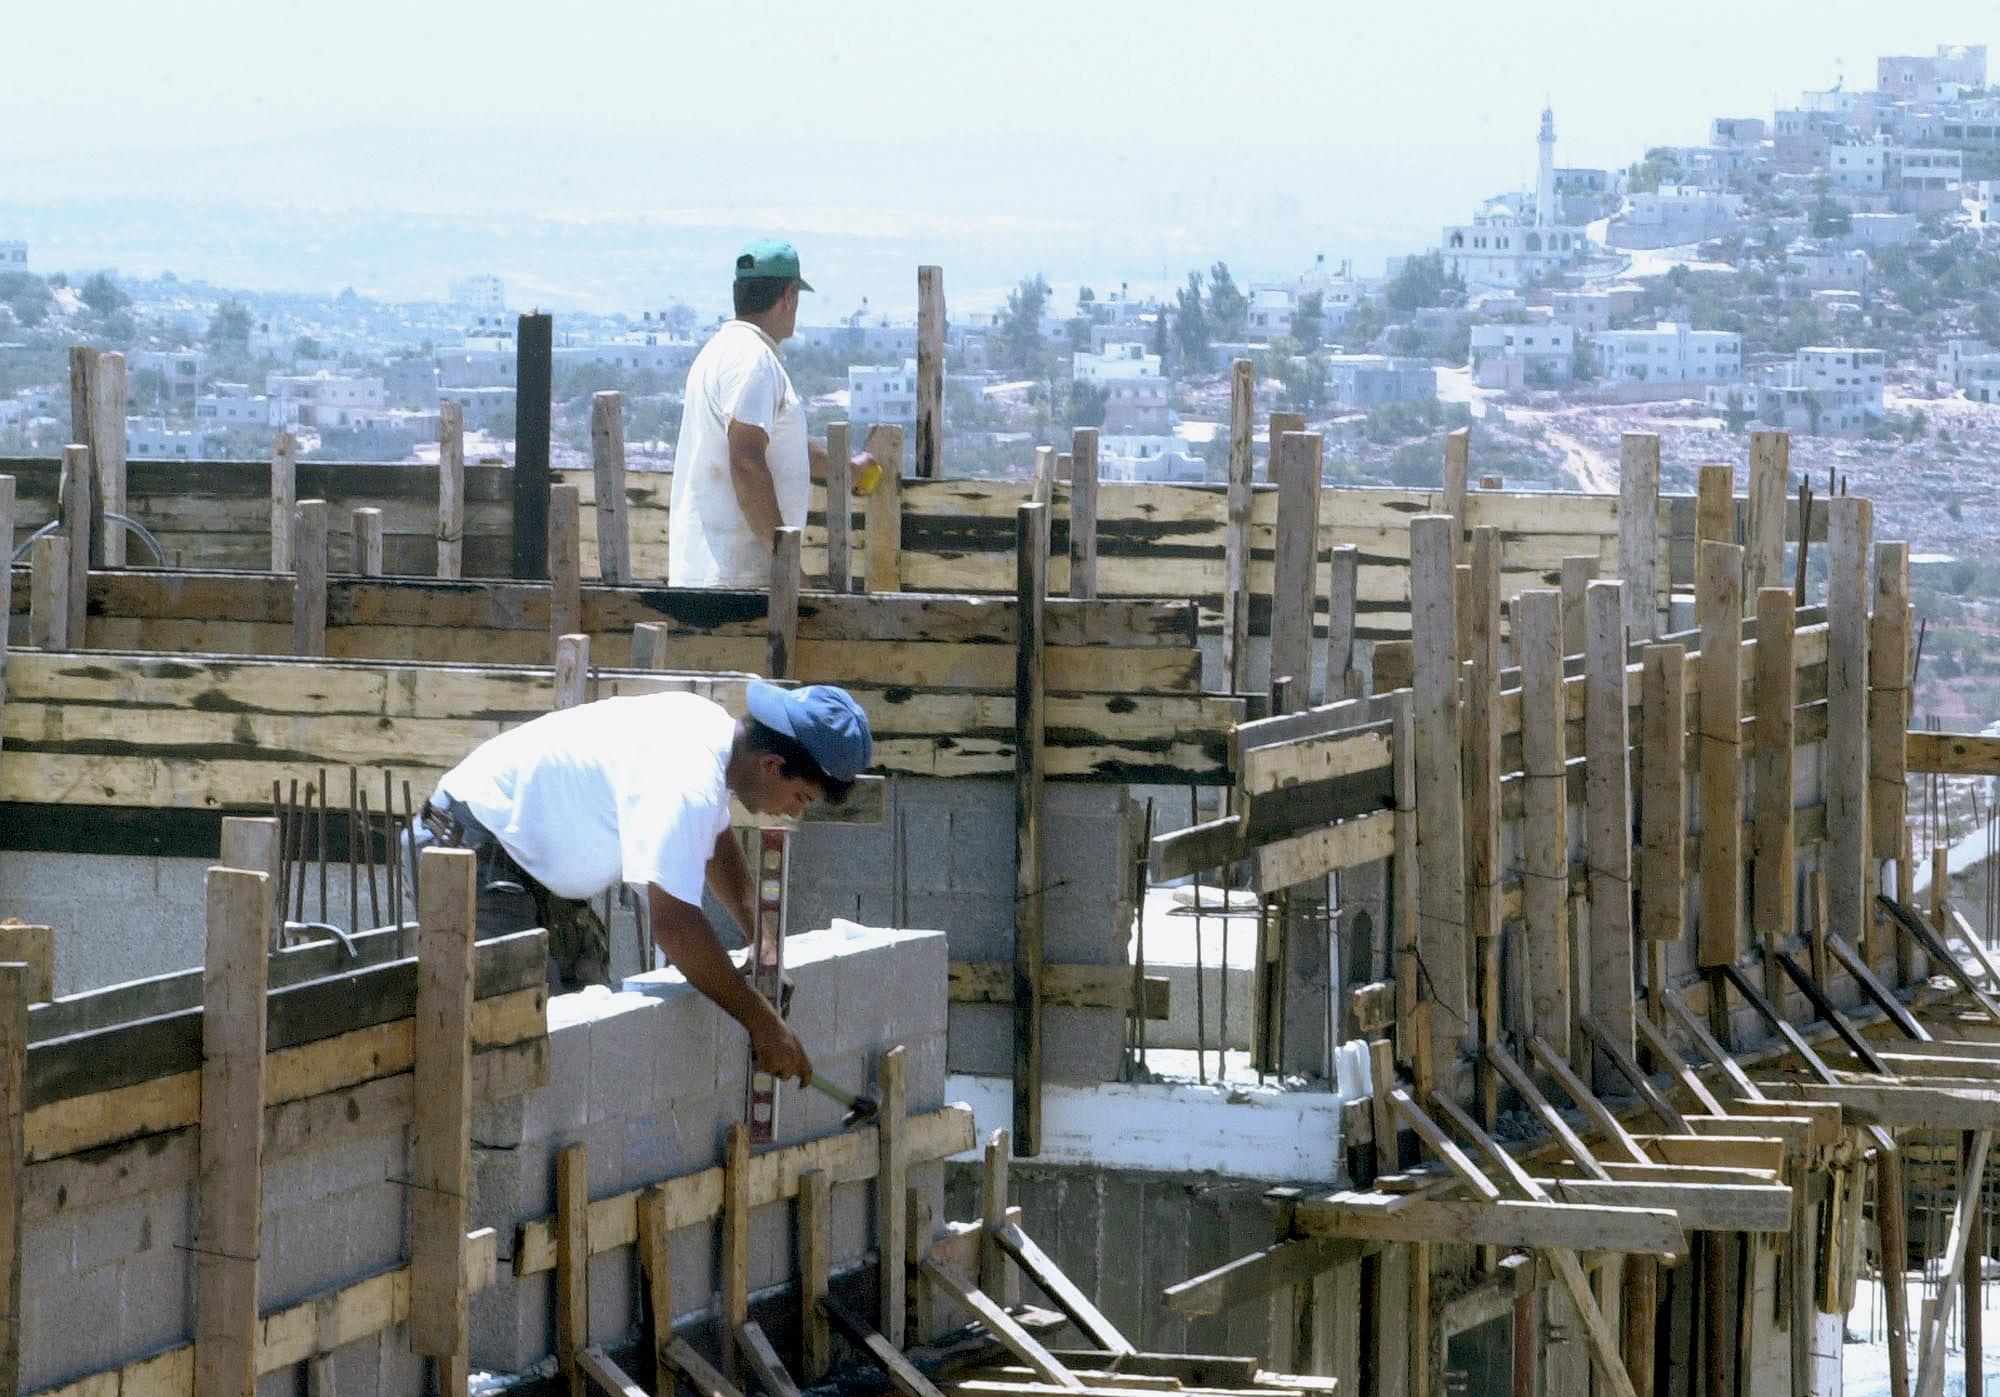 Στο 9,32% οι αδήλωτοι εργαζόμενοι στην Ελλάδα | tovima.gr